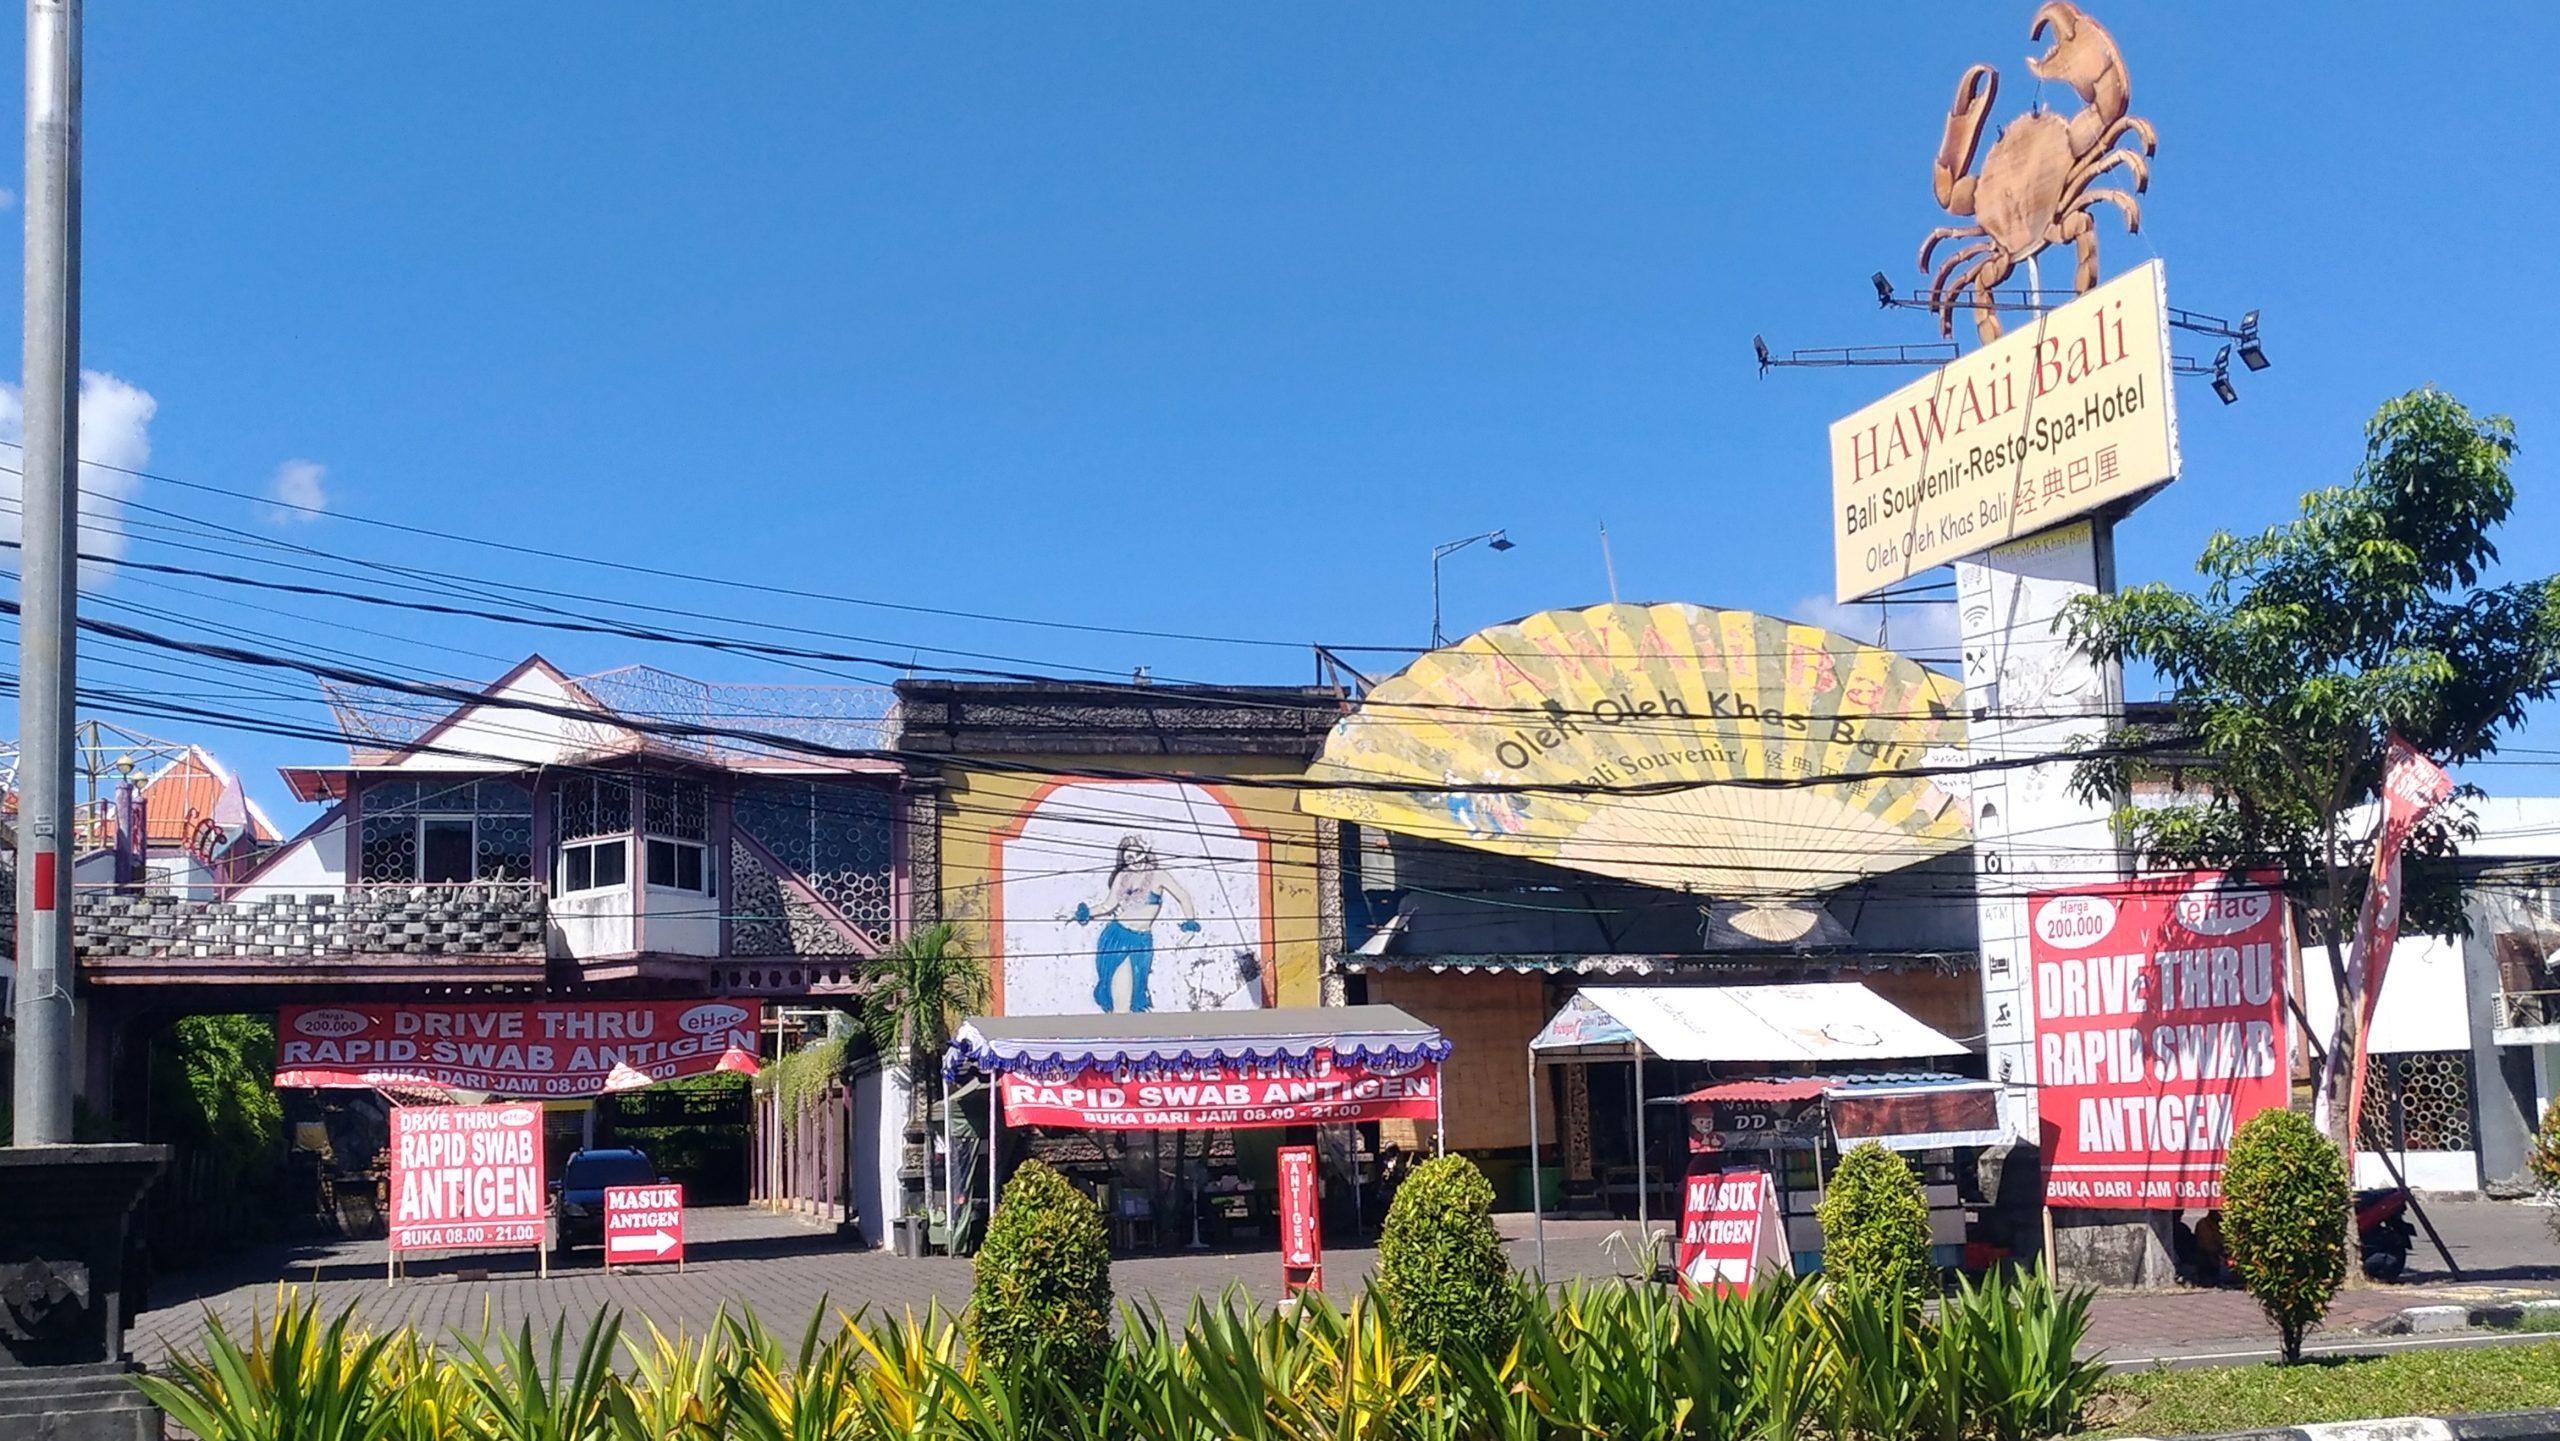 SALAH satu layanan tes antigen yang disediakan di area salah satu toko perbelanjaan modern di Kuta. Foto: gay